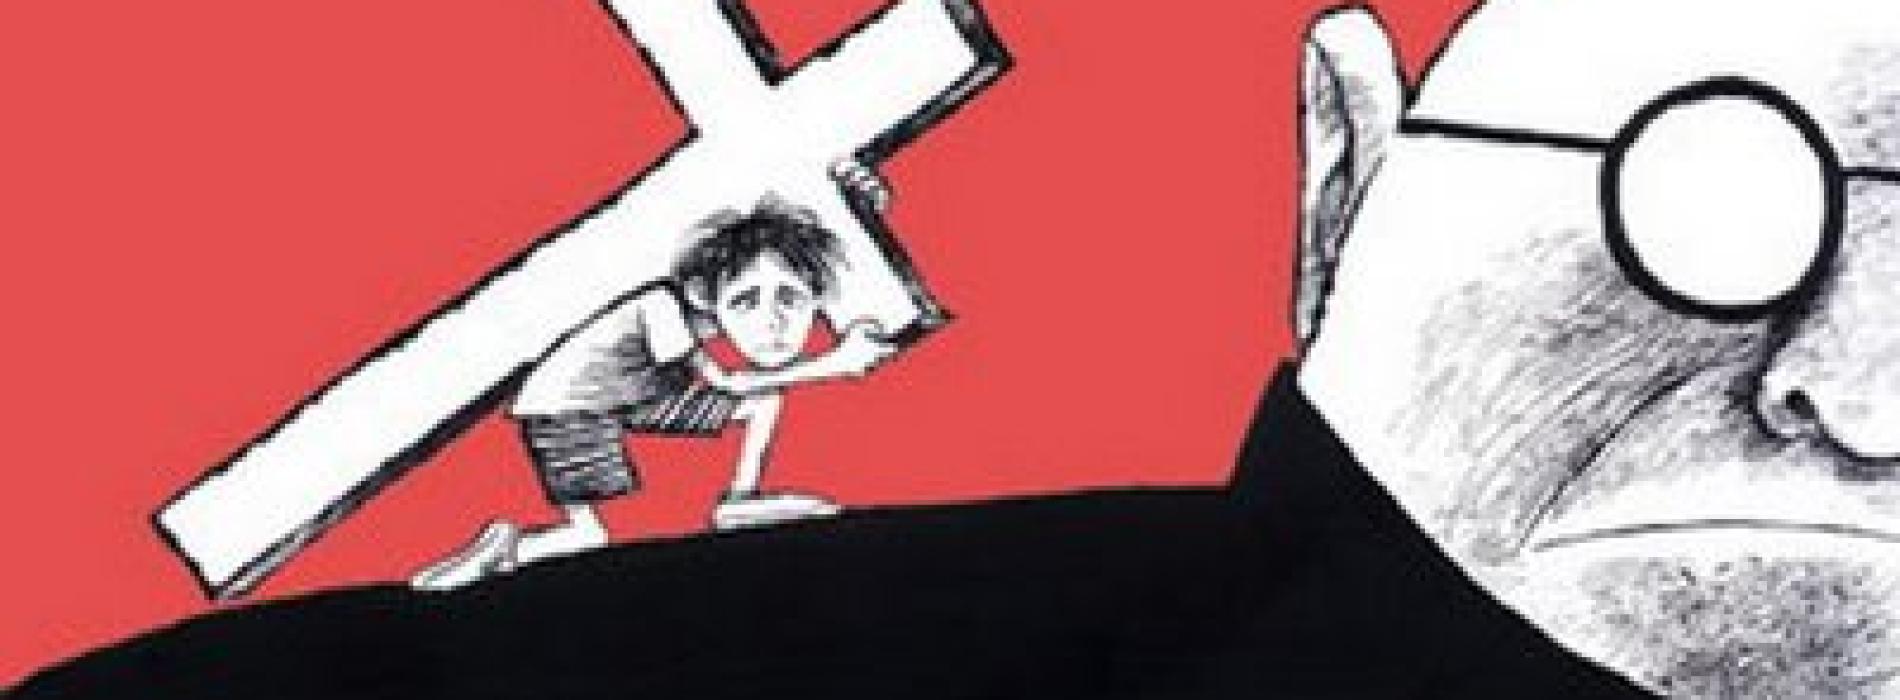 François Houtart y la experiencia en manipulación interpretativa